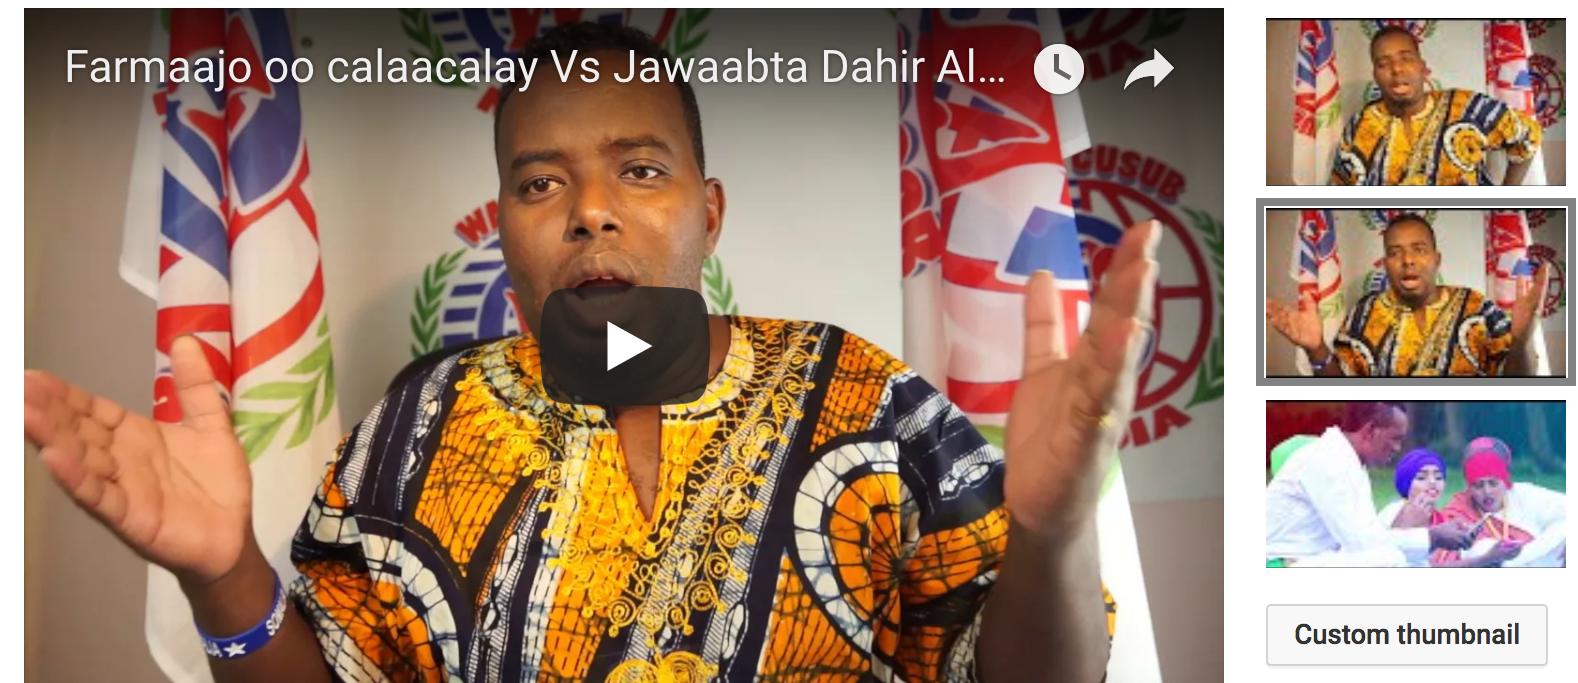 [Daawo] Farmaajo oo ku calaacalay in wada hadal lala furo iyo Jawaabta Dahir Alasow.?